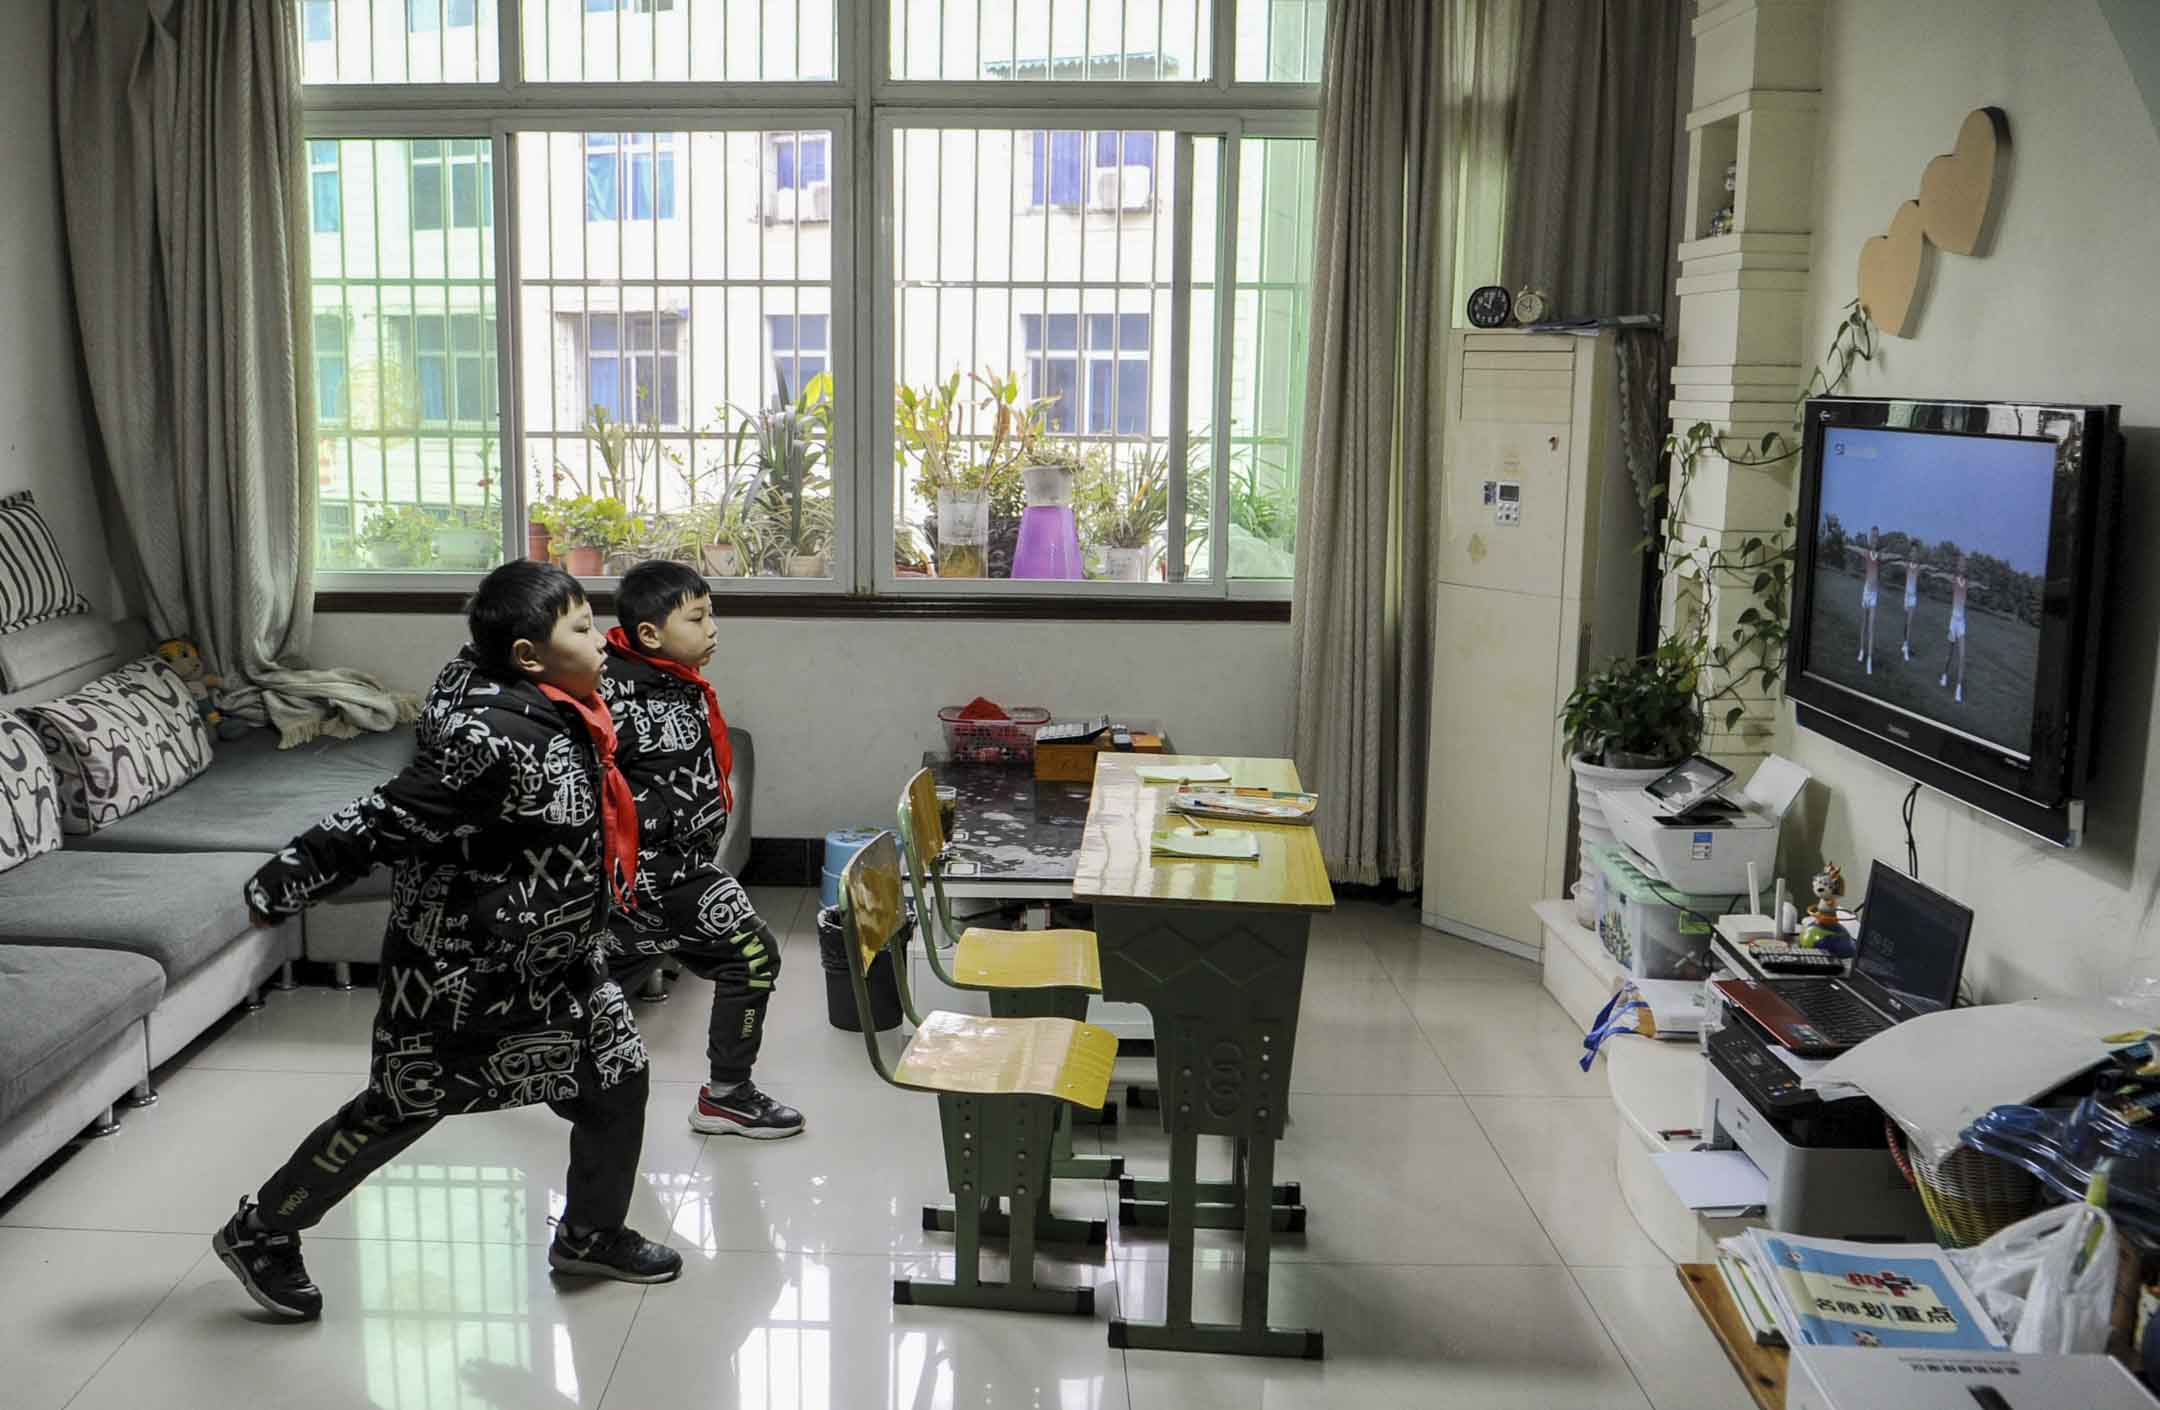 2020年3月9日,四川省眉山市,雙胞胎小學生透過網上上課學習。 攝: Liu Zhongjun/China News Service via Getty Images